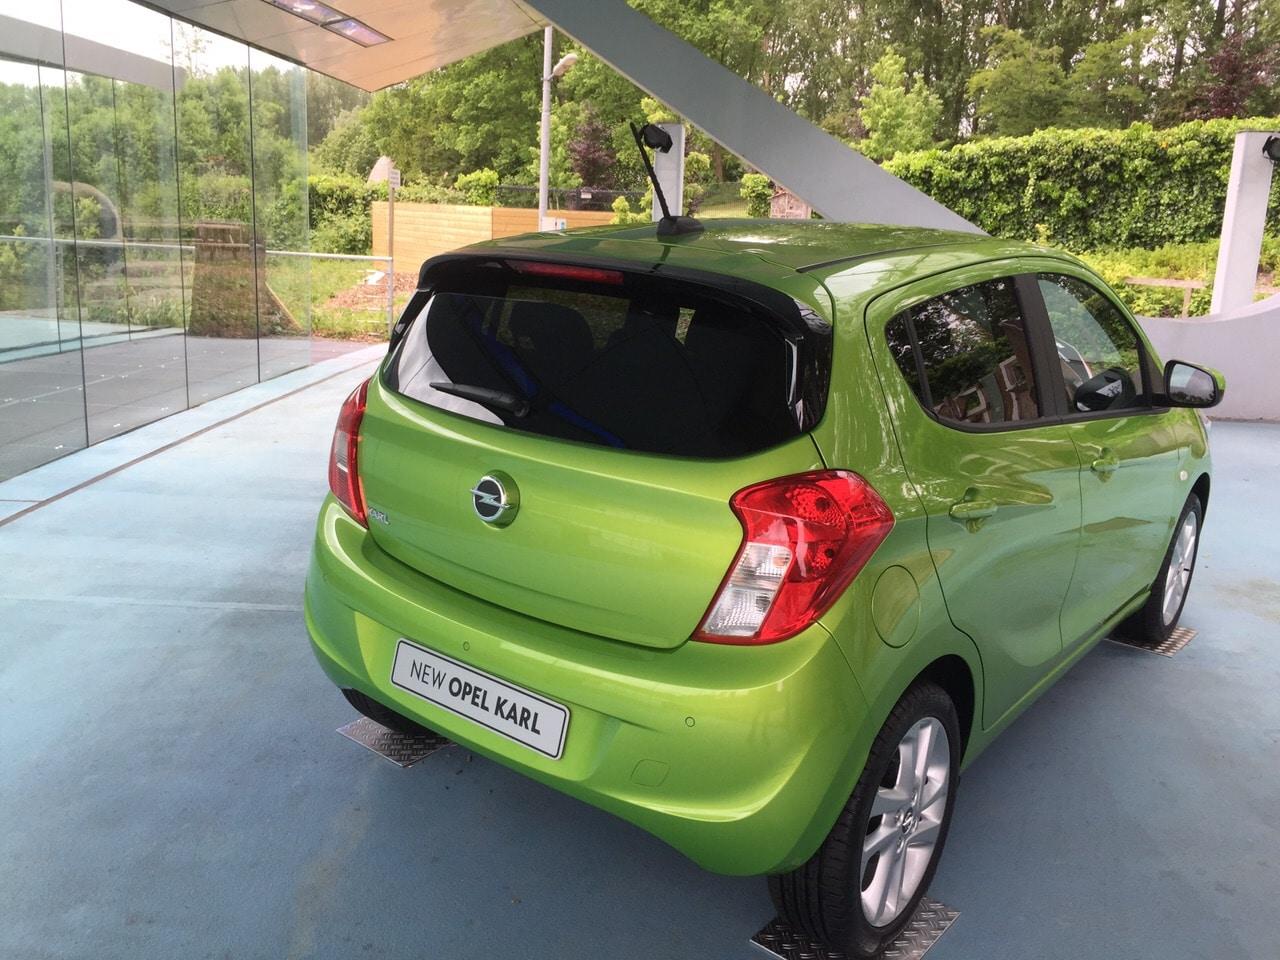 Opel Karl: consuma poco e costa anche meno (foto)